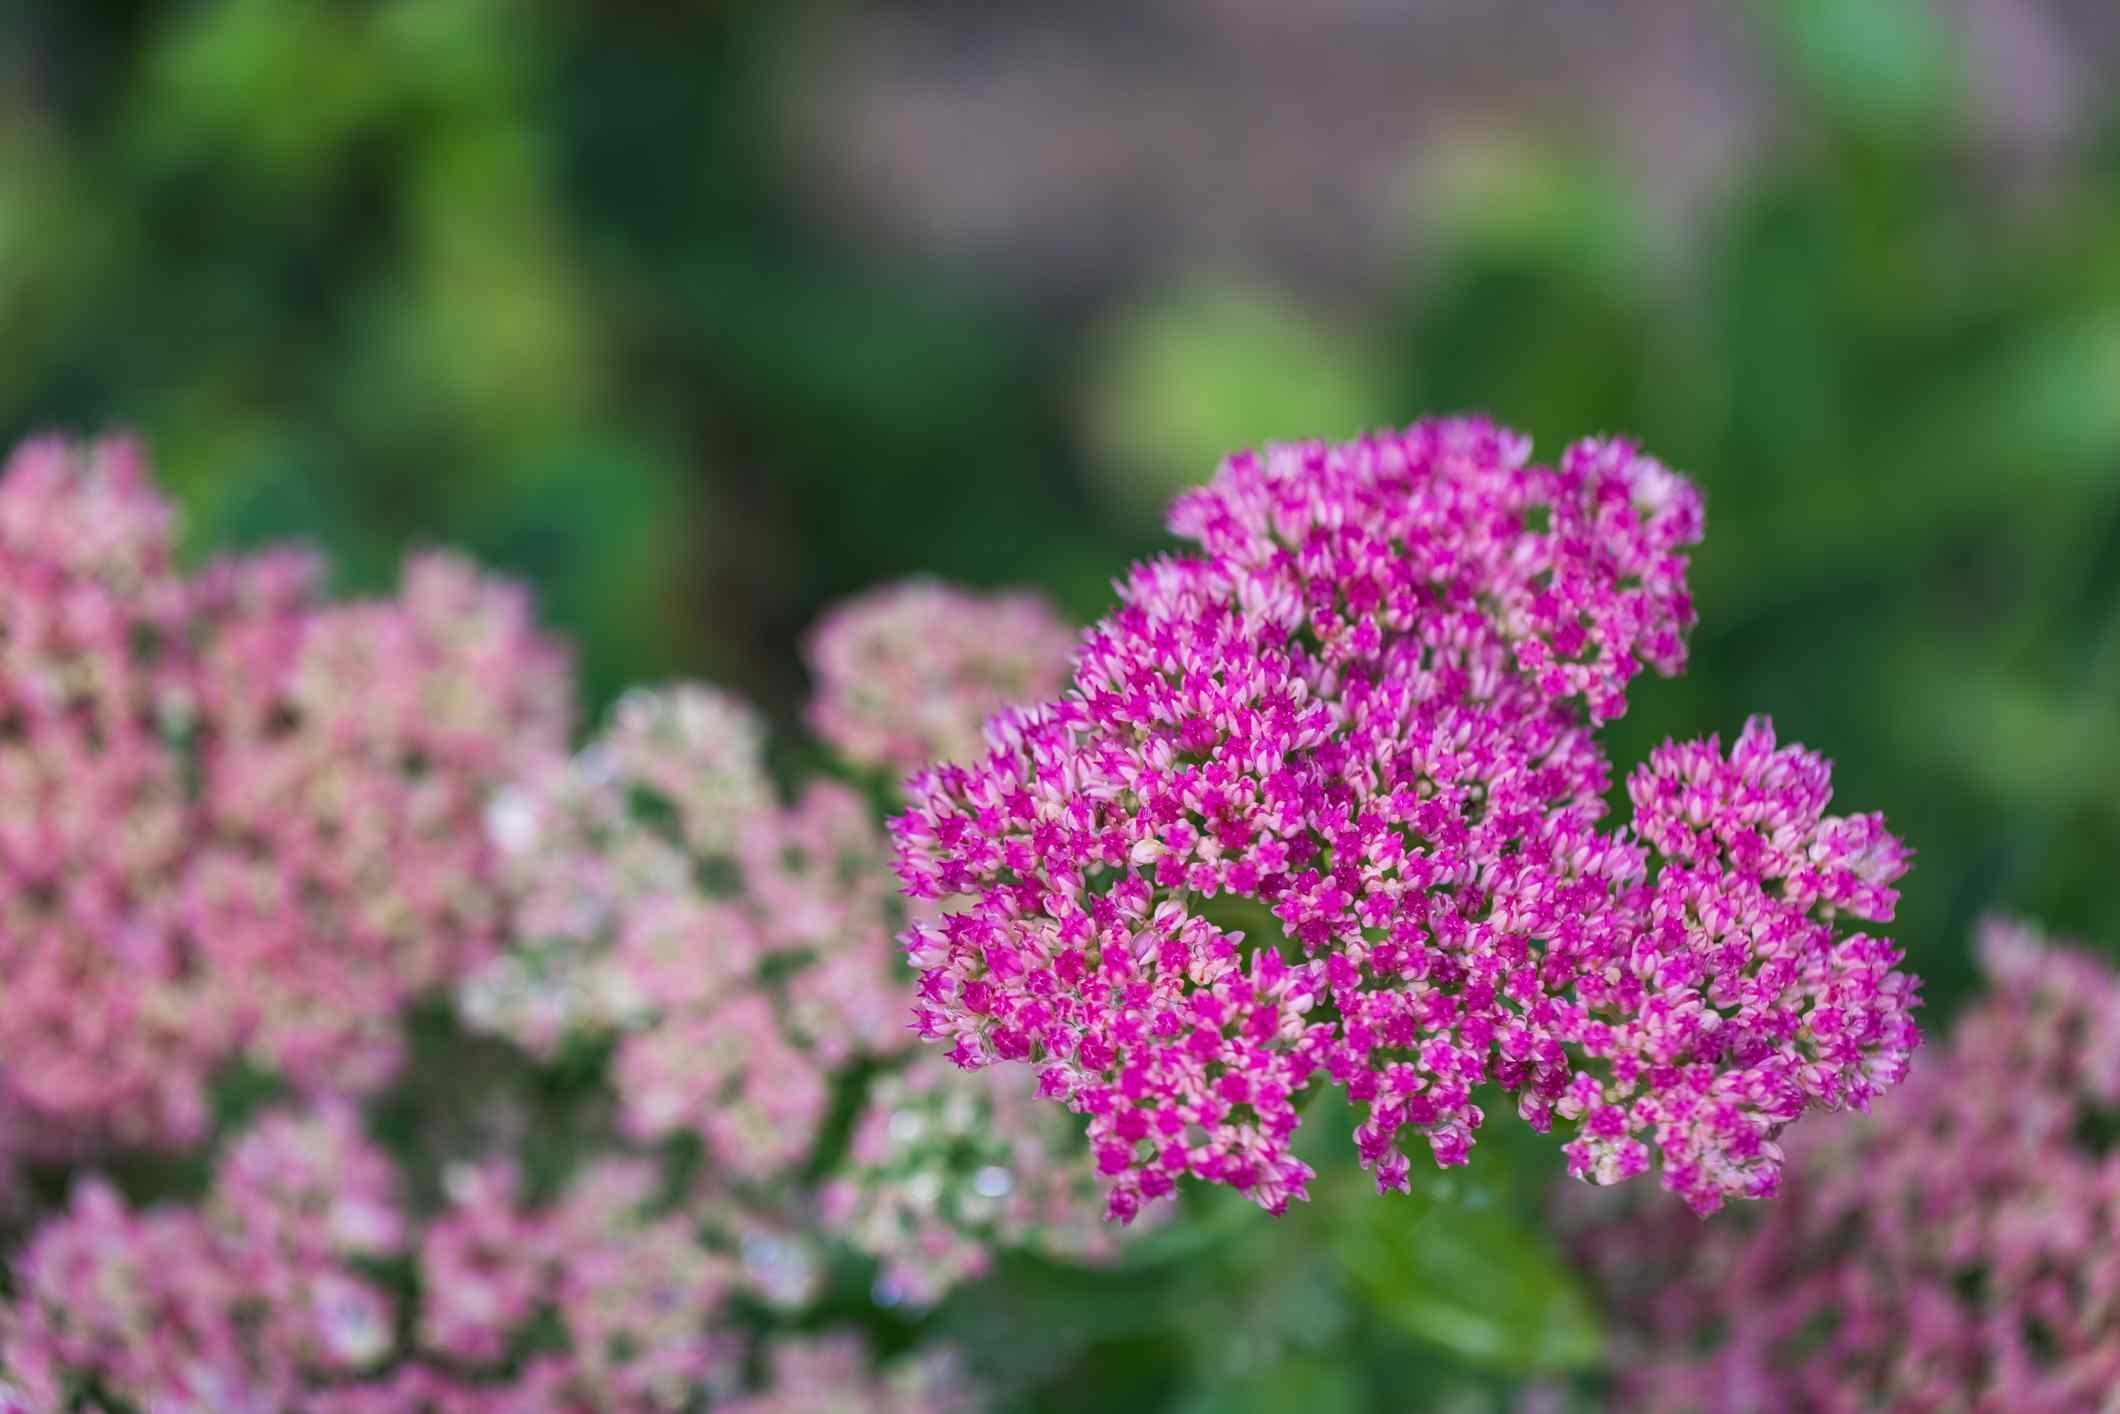 pink sedum flowers in garden